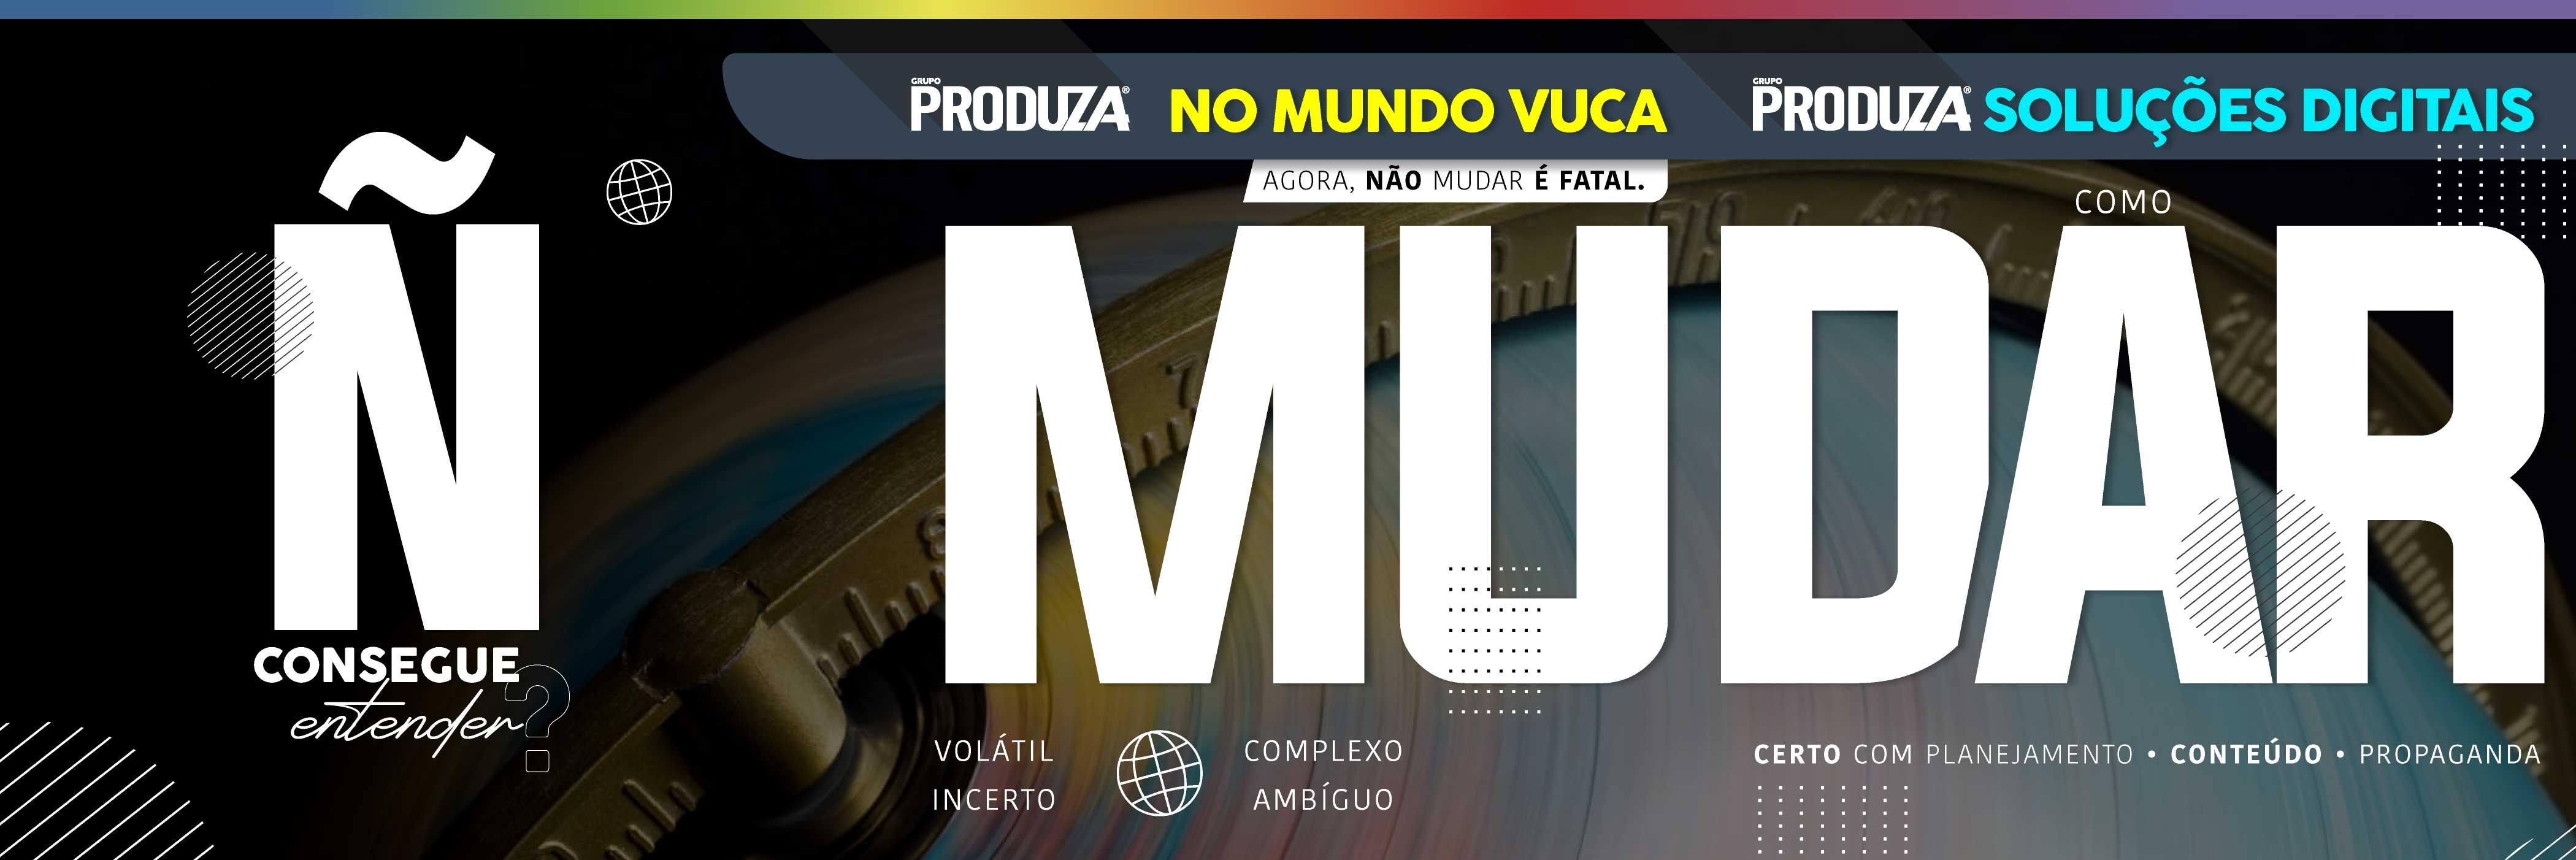 PRODUZA ® NEUROBUSINESS Integradora Aceleradora Neurológica em Comunicação, Treinamento e Neuromarketing para Pessoas Negócios e Mercados